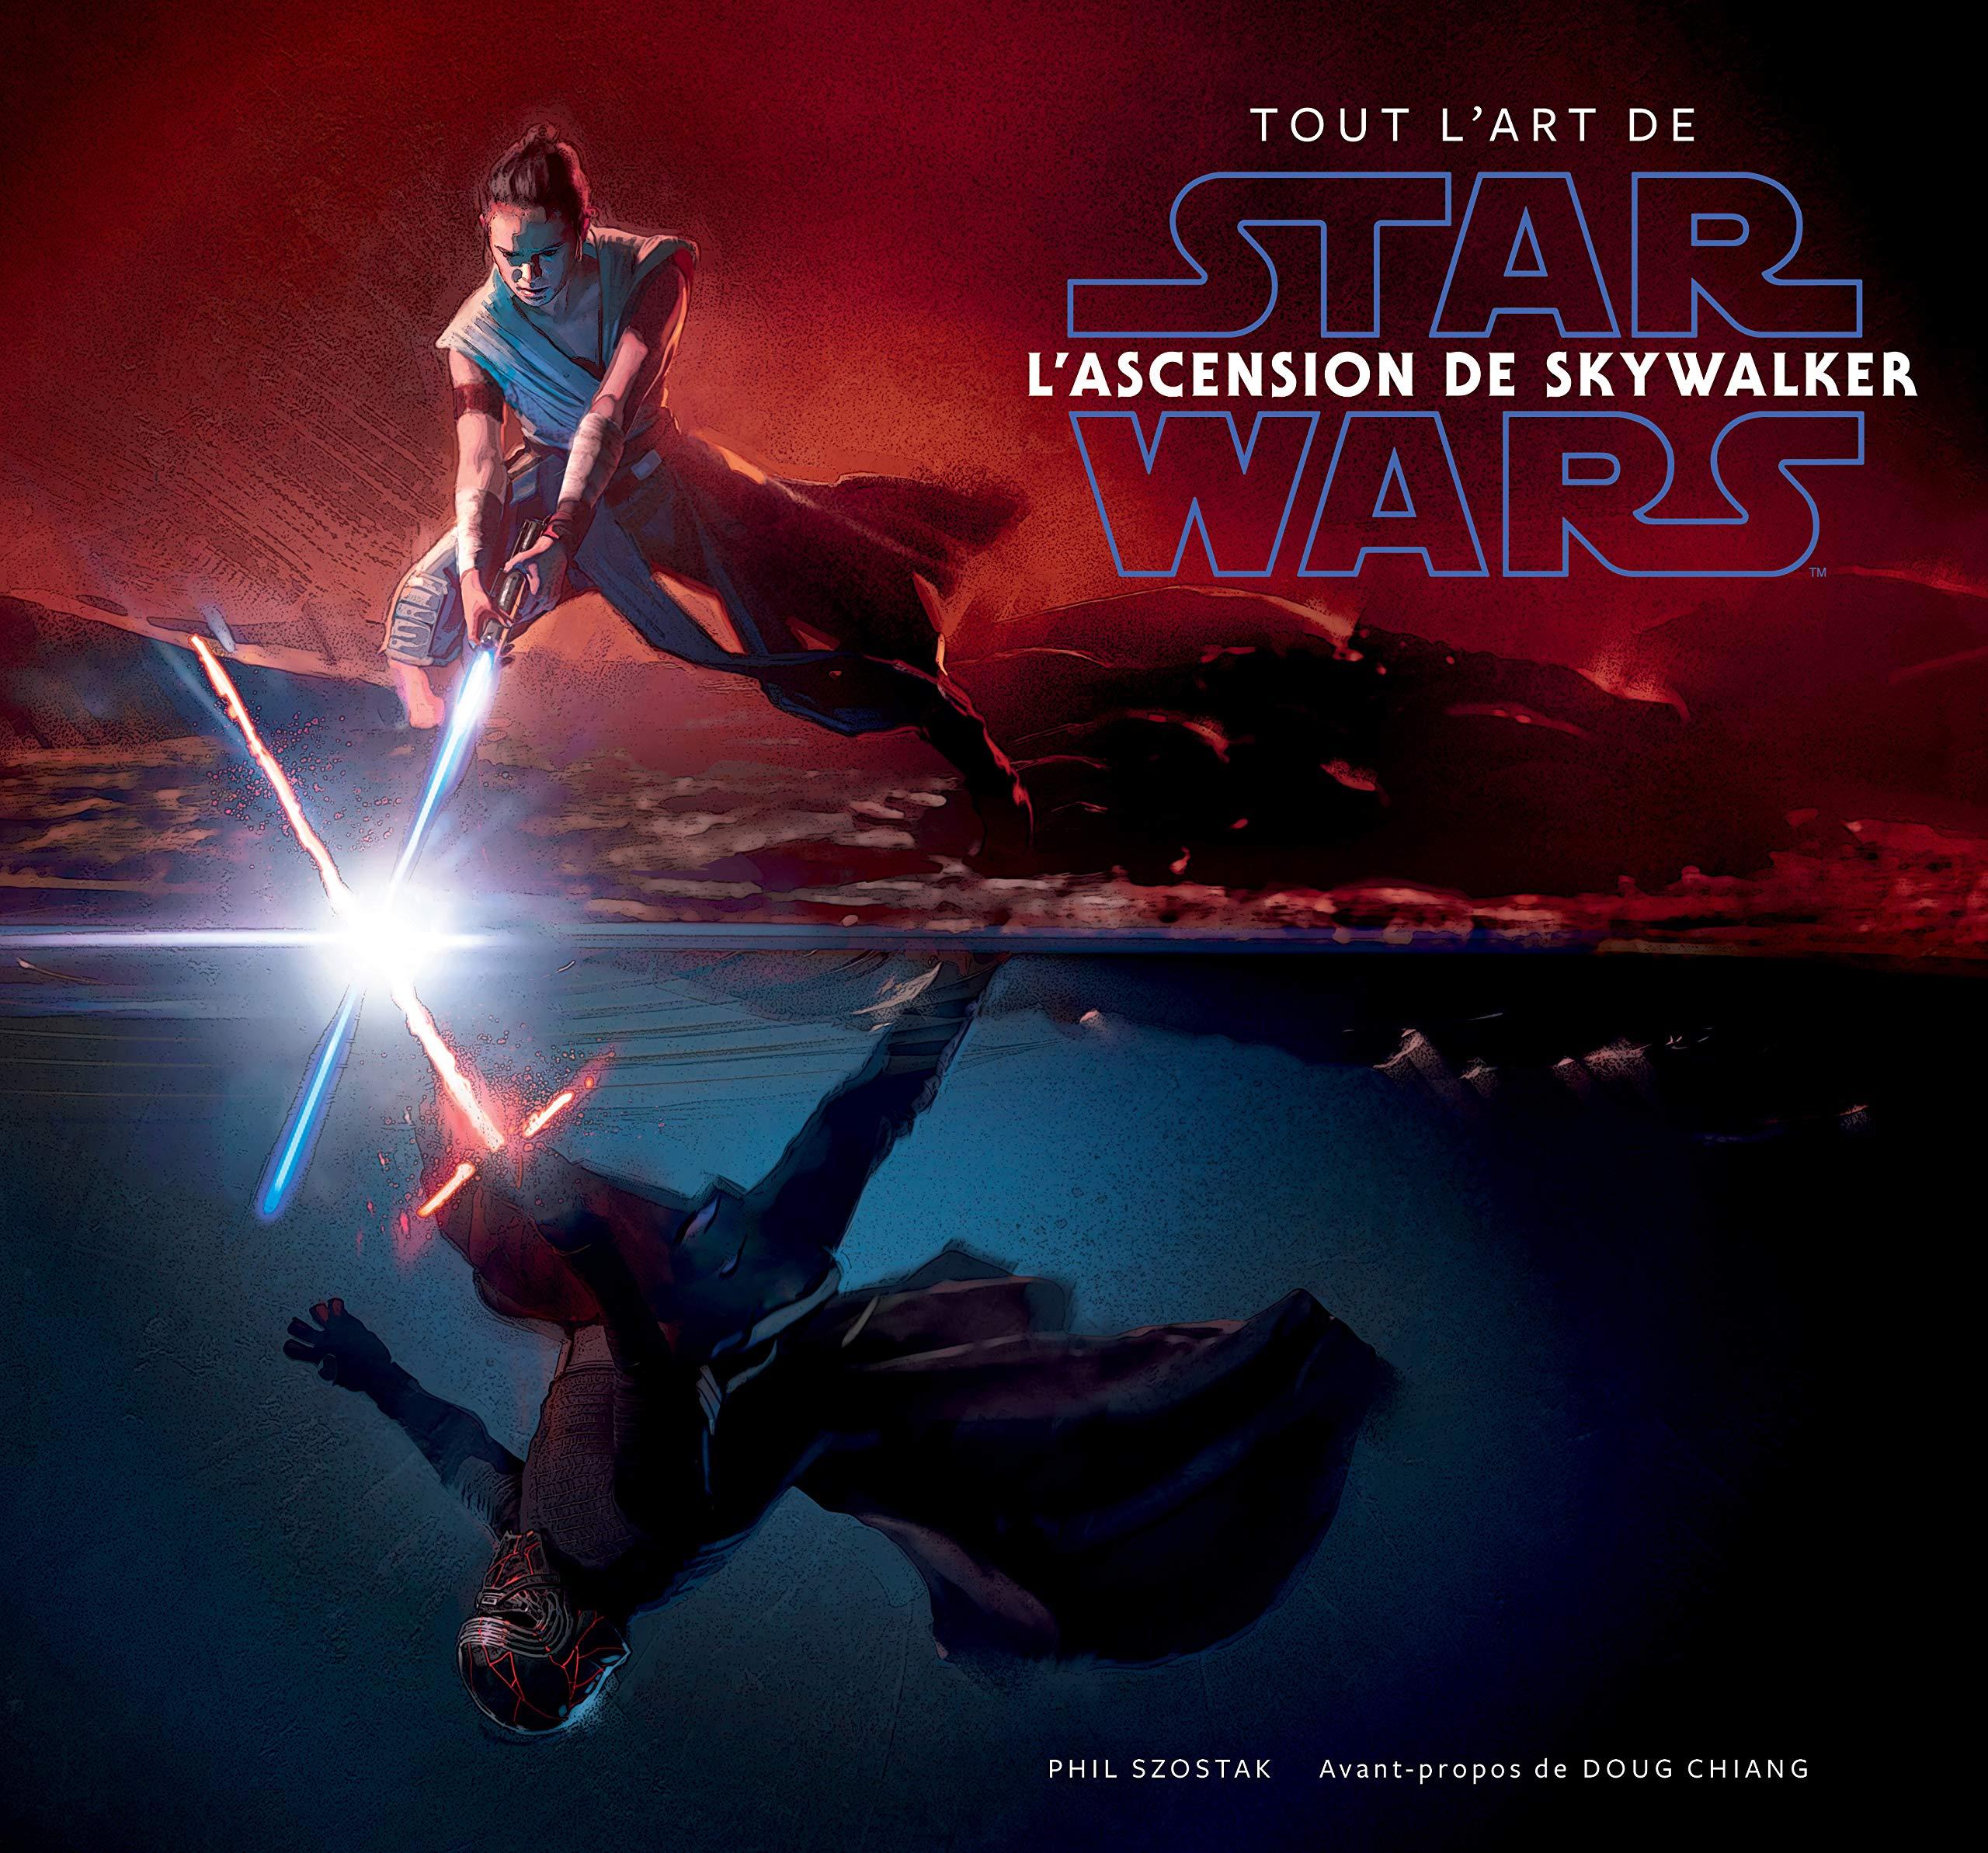 Amazon Fr Star Wars Tout L Art De Star Wars L Ascension De Skywalker Szostak Phil Chiang Doug Pernot Isabelle Livres